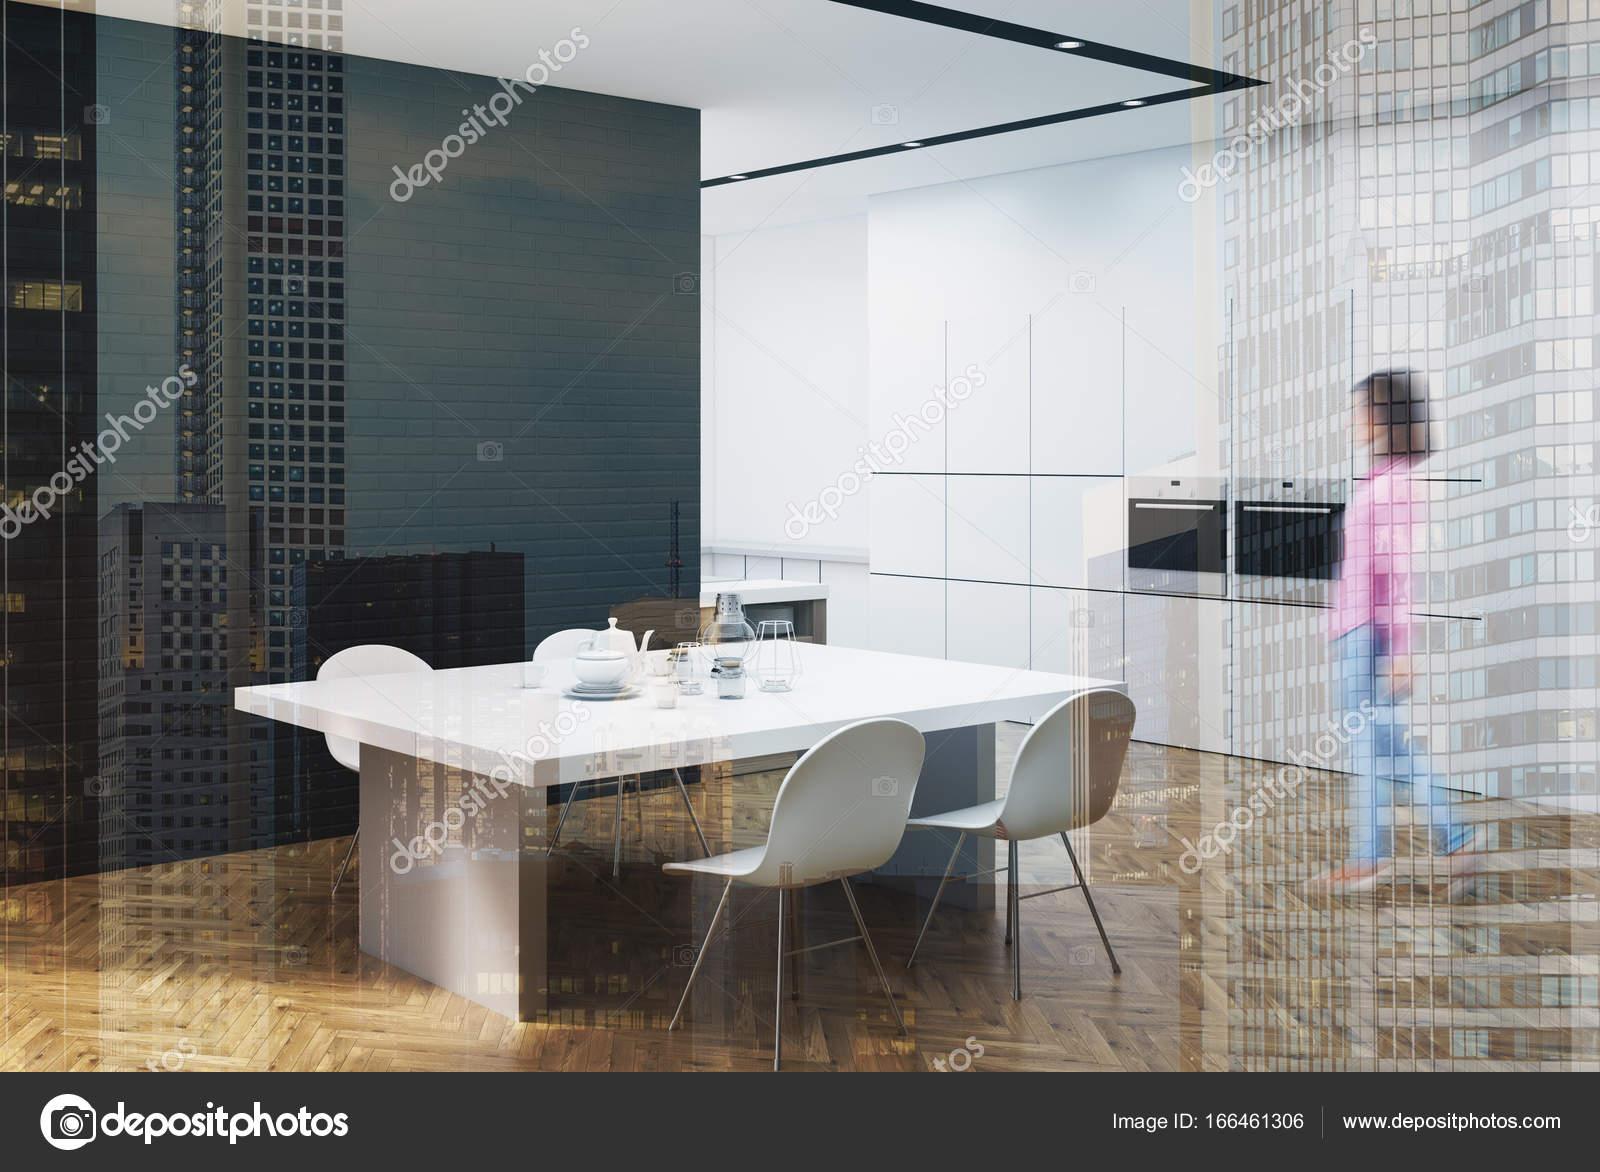 Cocina blanco y negro con una mesa, esquina, chica — Fotos de Stock ...